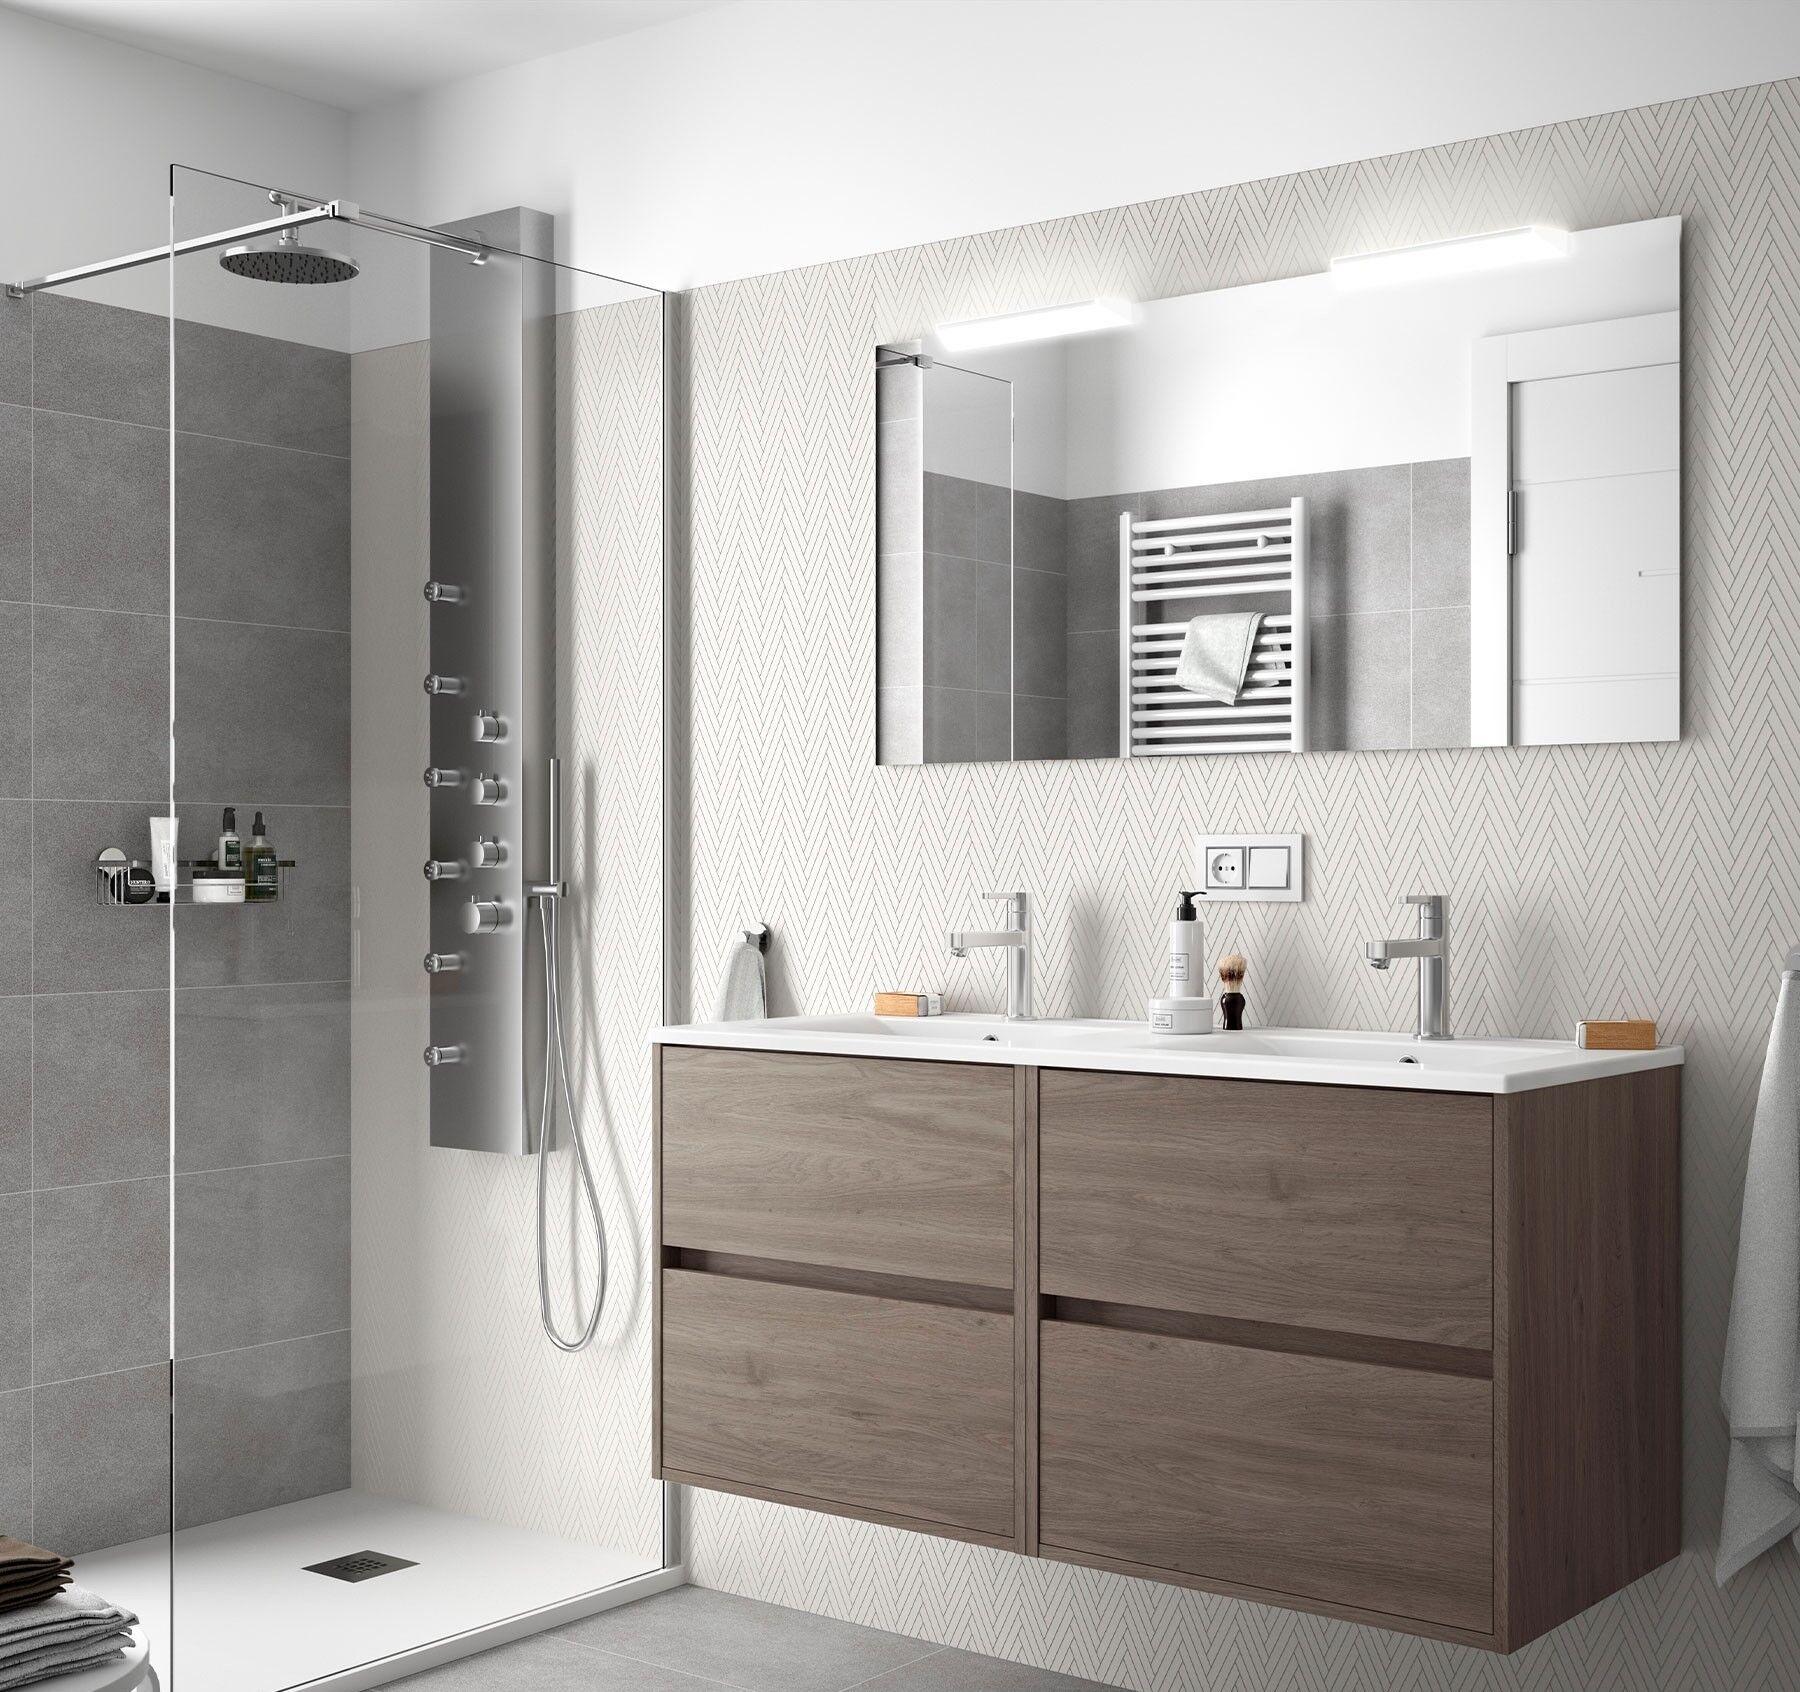 CAESAROO Meuble de salle de bain suspendue 120 cm en bois Chêne eternity avec lavabo en porcelaine   Standard - 120 cm